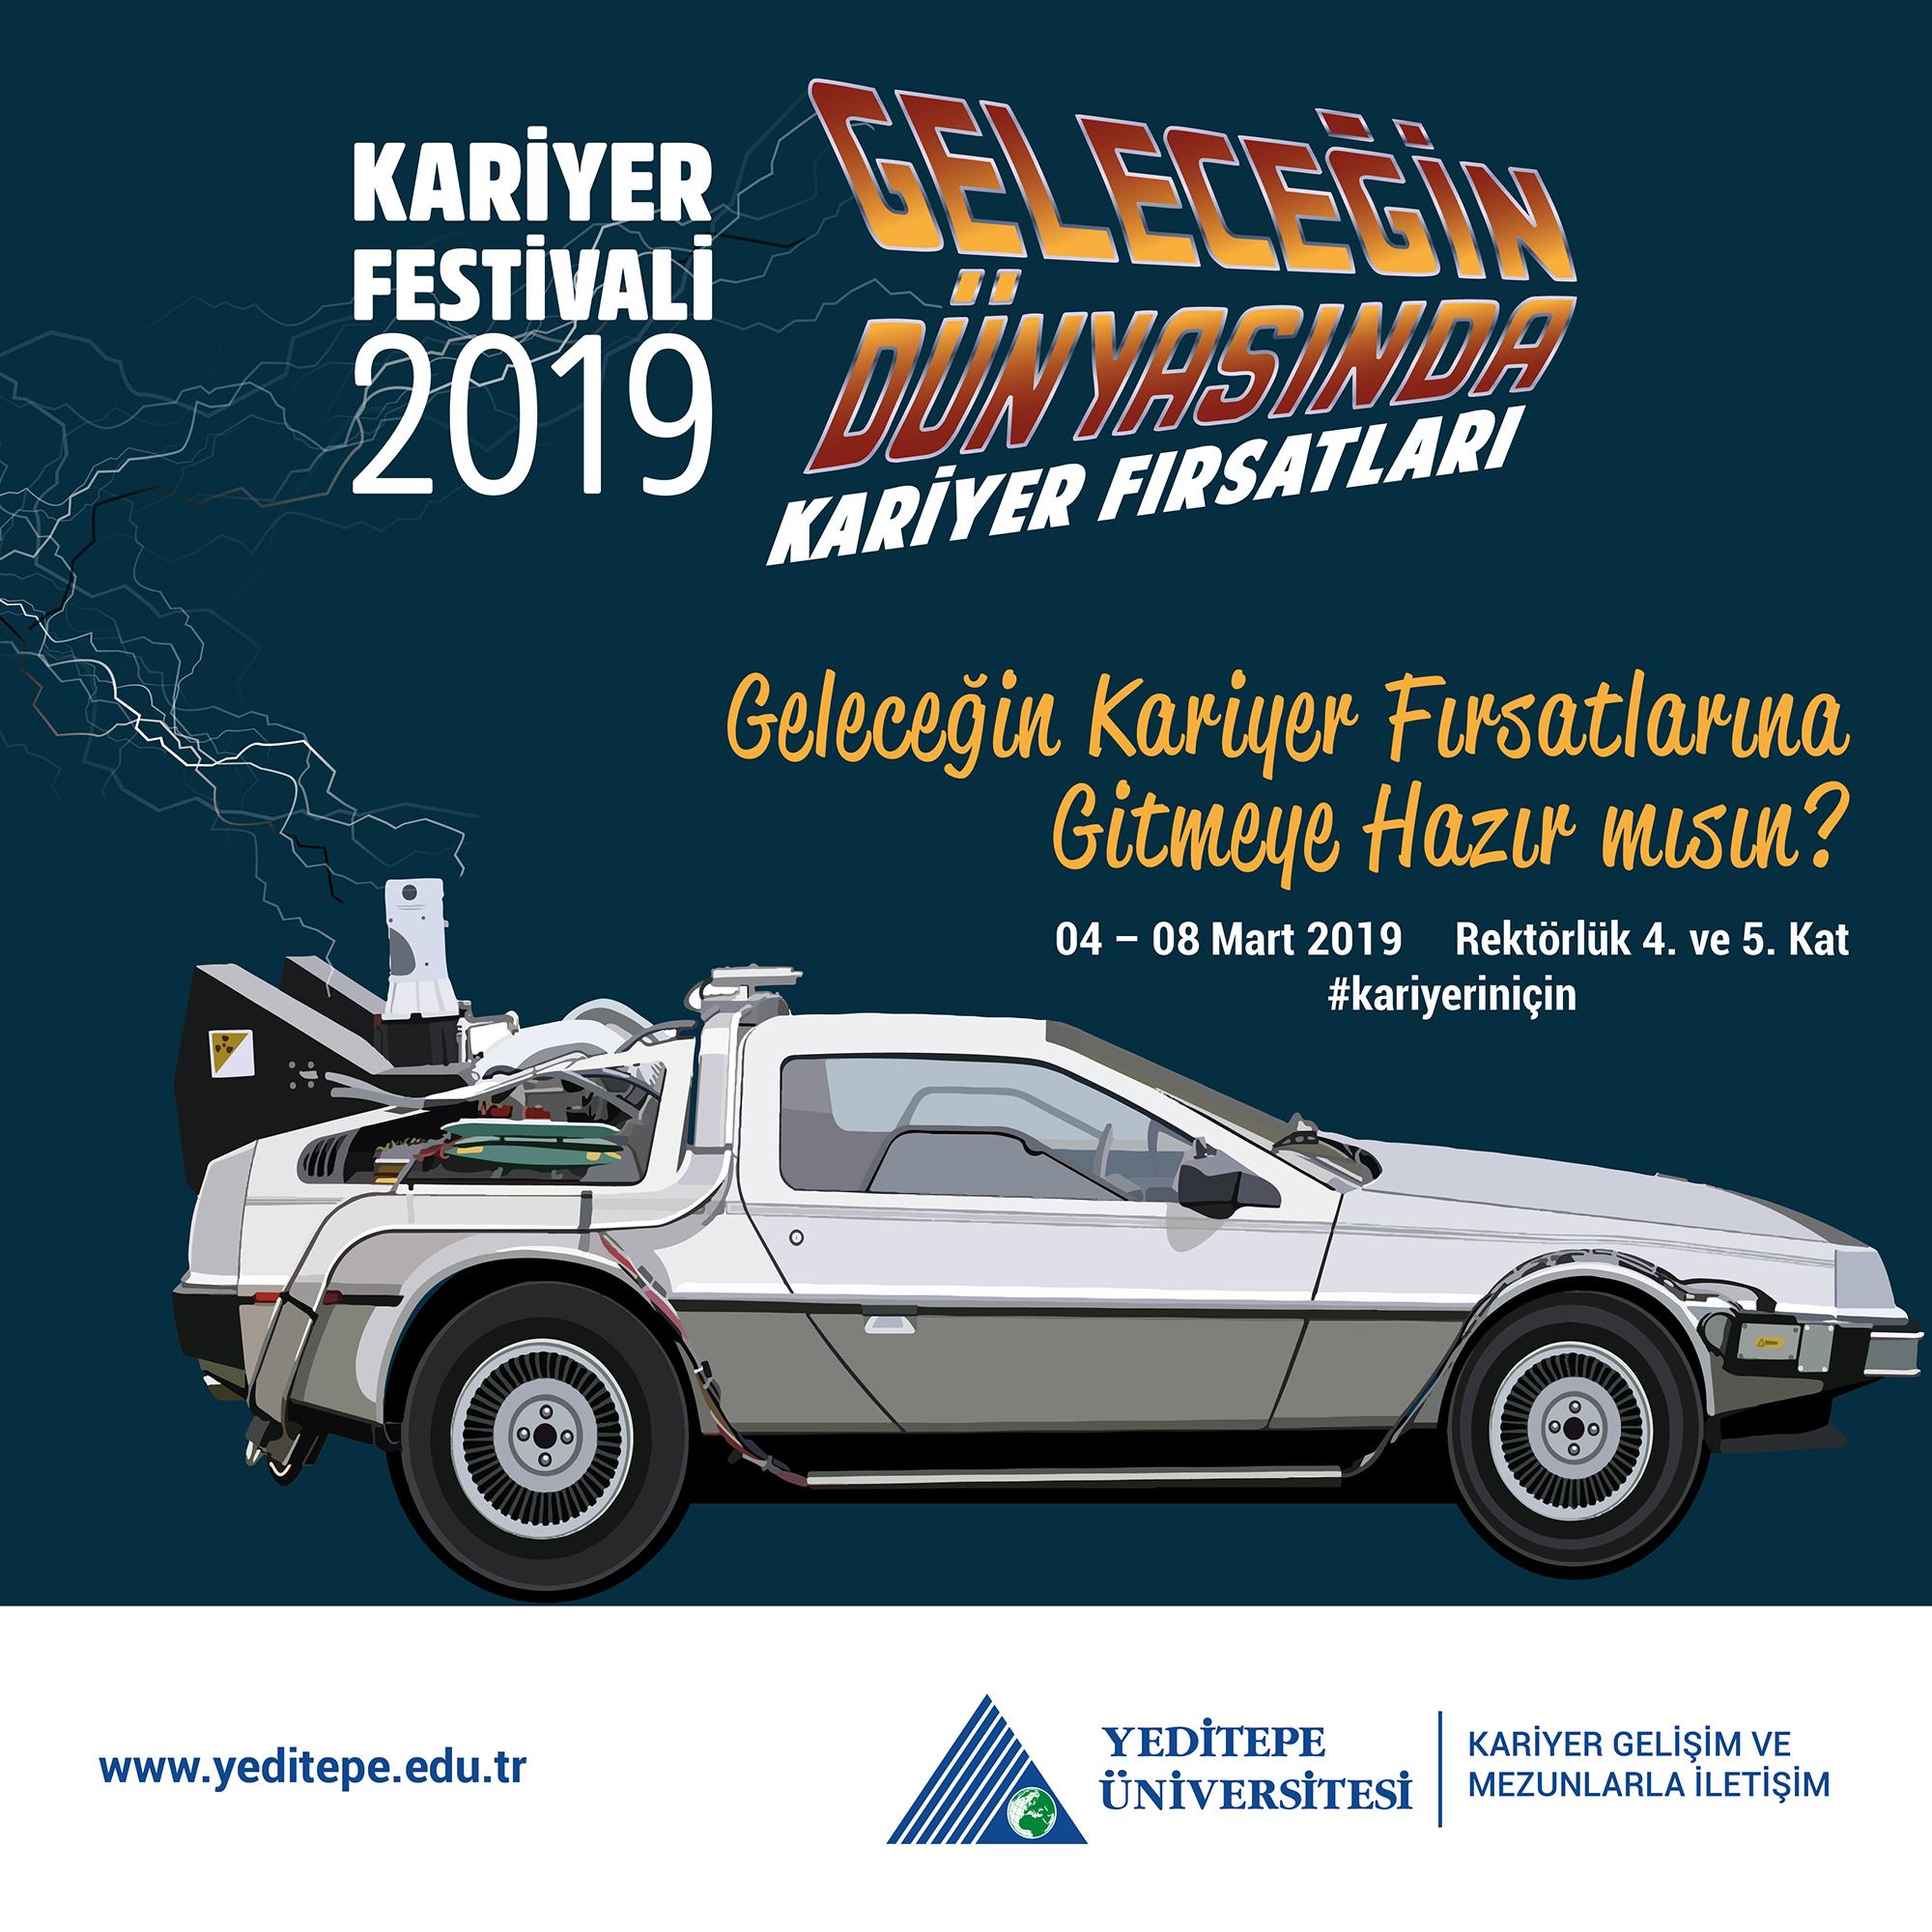 Yeditepe Üniversitesi Kariyer Festivali 2019 ile ilgili görsel sonucu